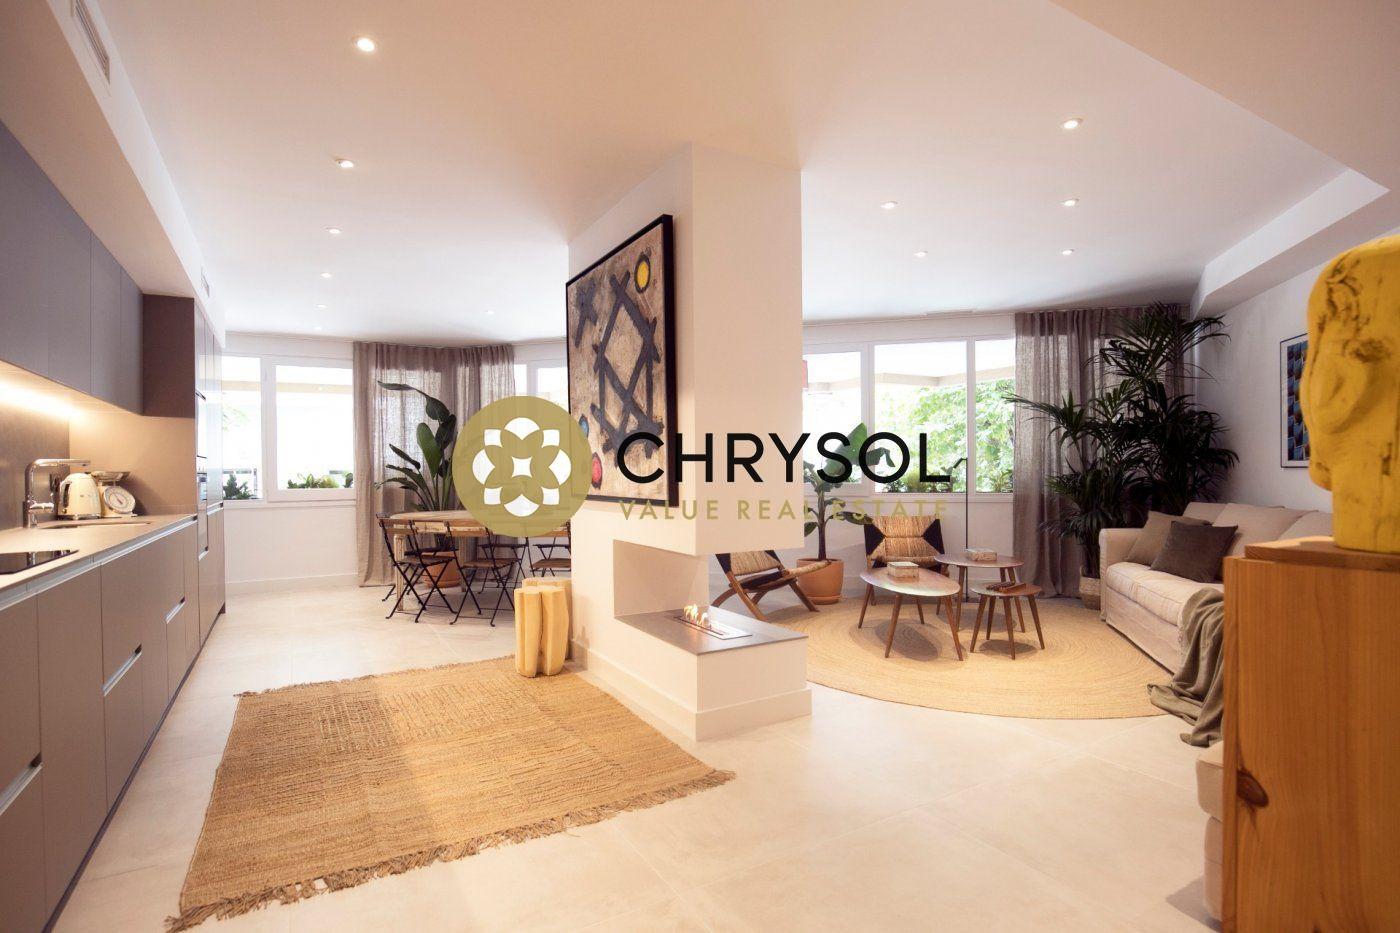 Fotogalería - 1 - Chrysol Value